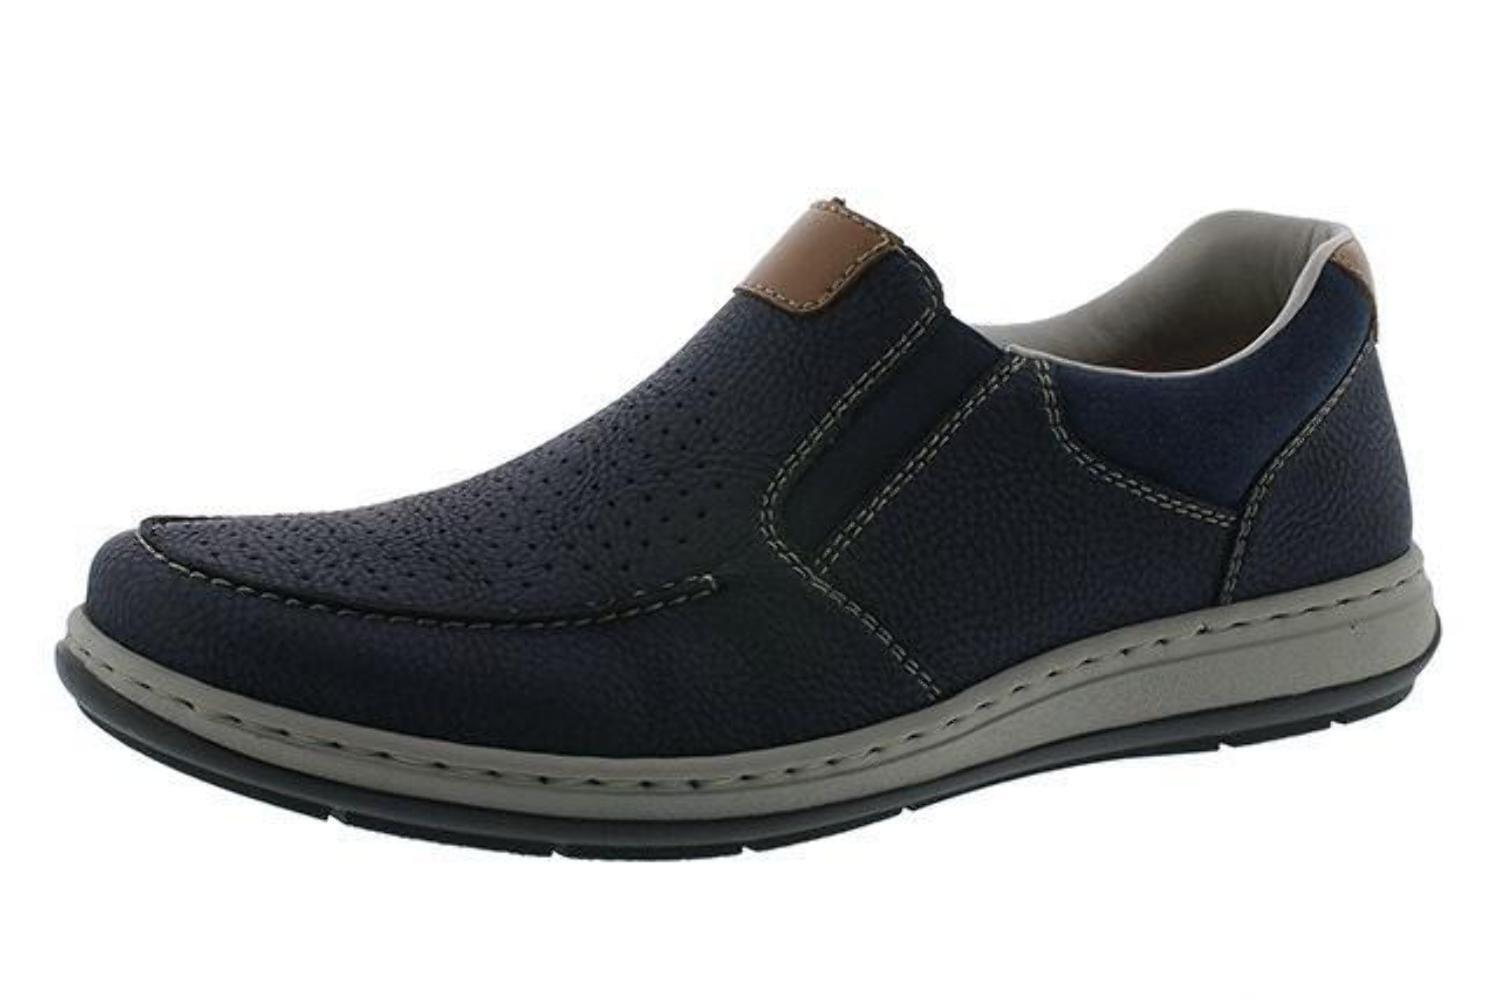 f258c58f7f494e Rieker 17375-14 homme bleu marine Perforé Perforé Perforé Summer Shoes  139678